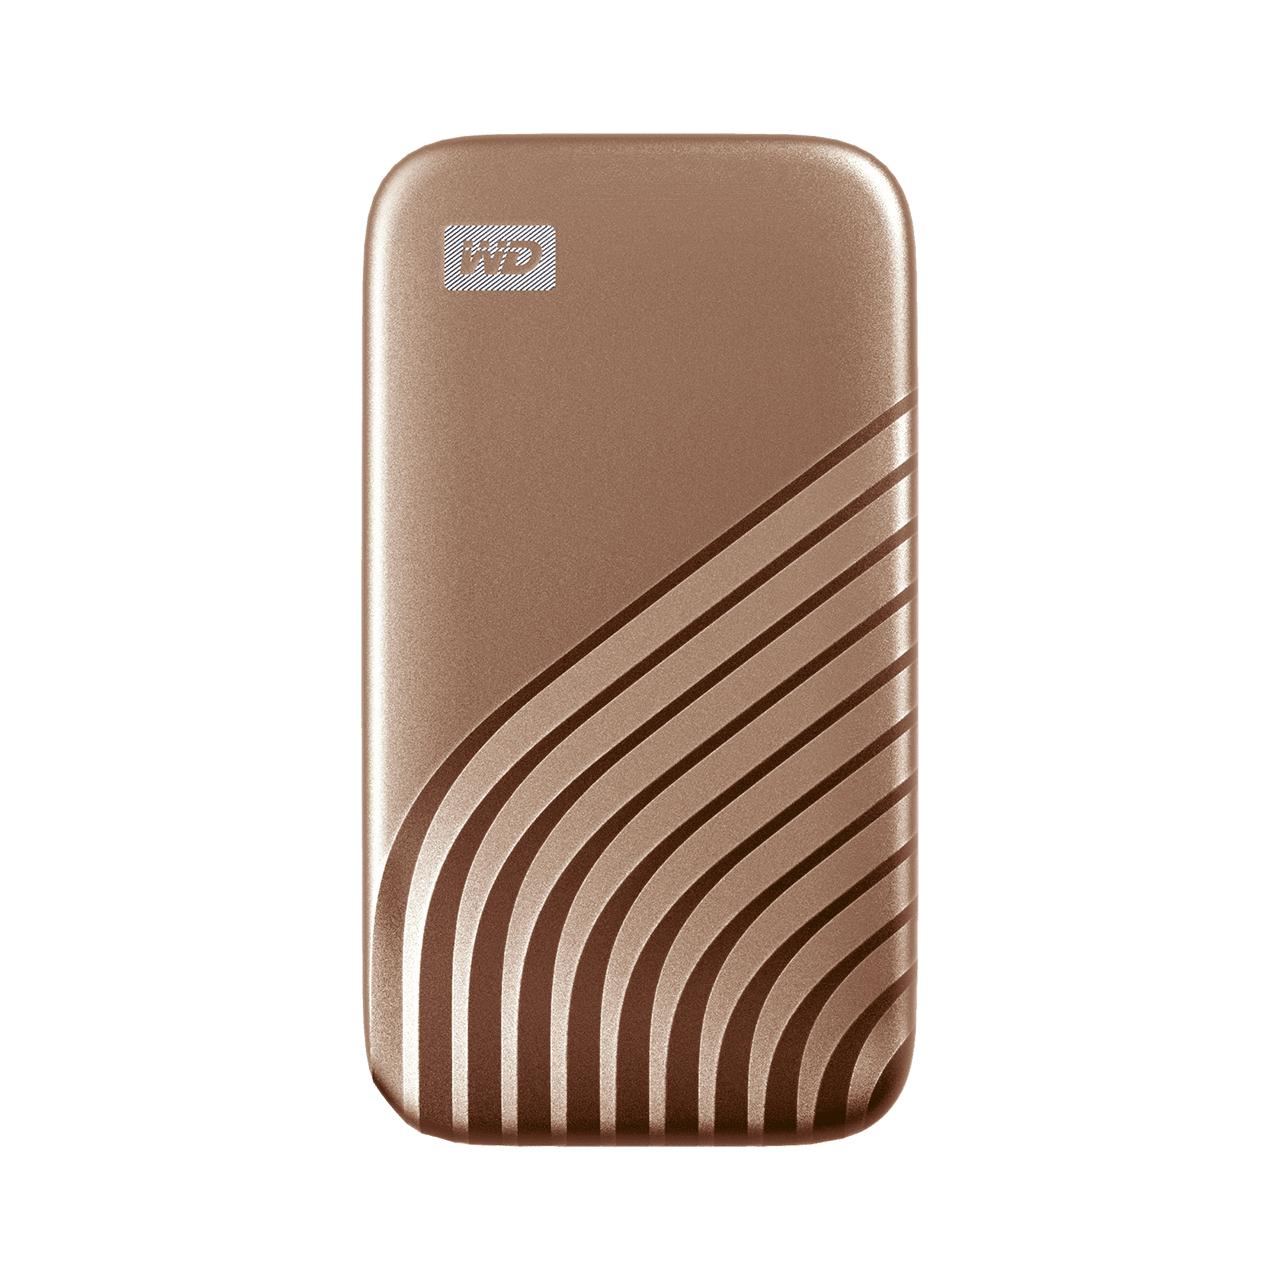 SSD Externe Western Digital (WD) My Passport - 2 To (WDBAGF0020BGD-WESN)